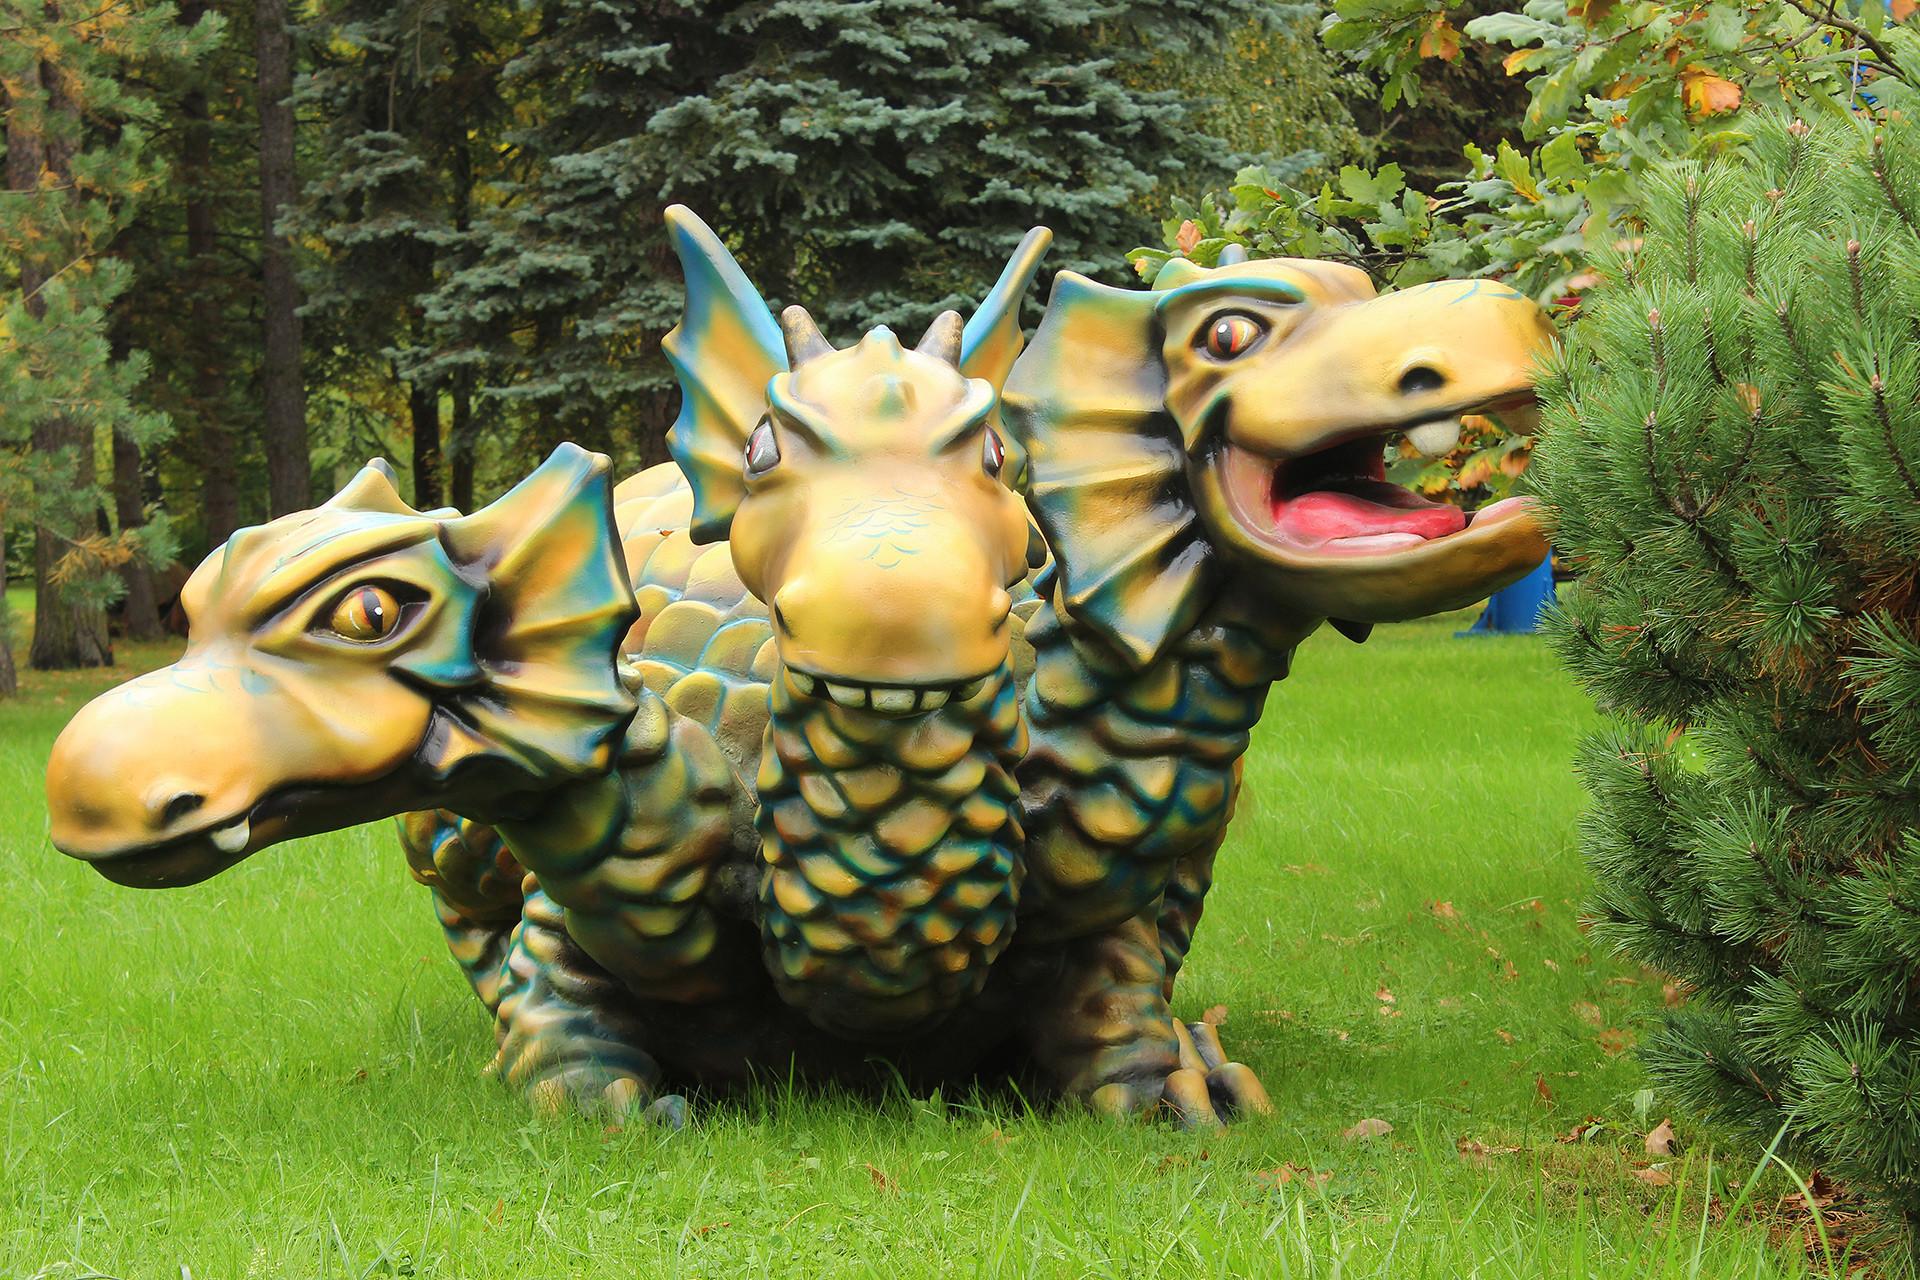 Zmei Gorinitch no Parque Divo-Ostrov, em São Petersburgo.